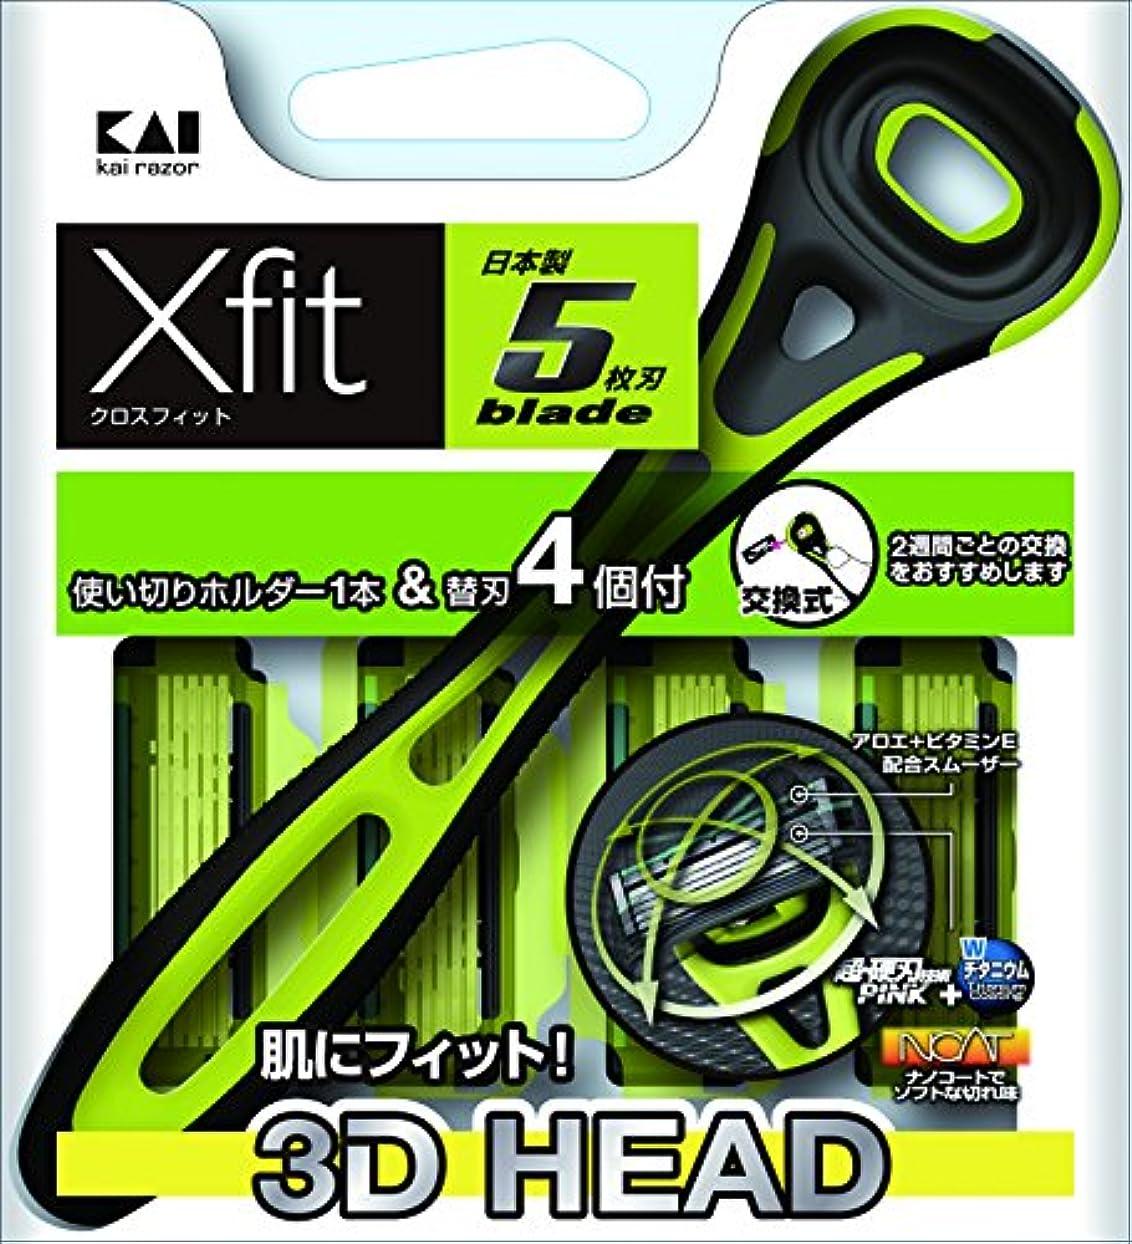 プリーツライトニング哀Xfit(クロスフィット)5枚刃 クリアパッケージ 使い切りホルダー+替刃4個